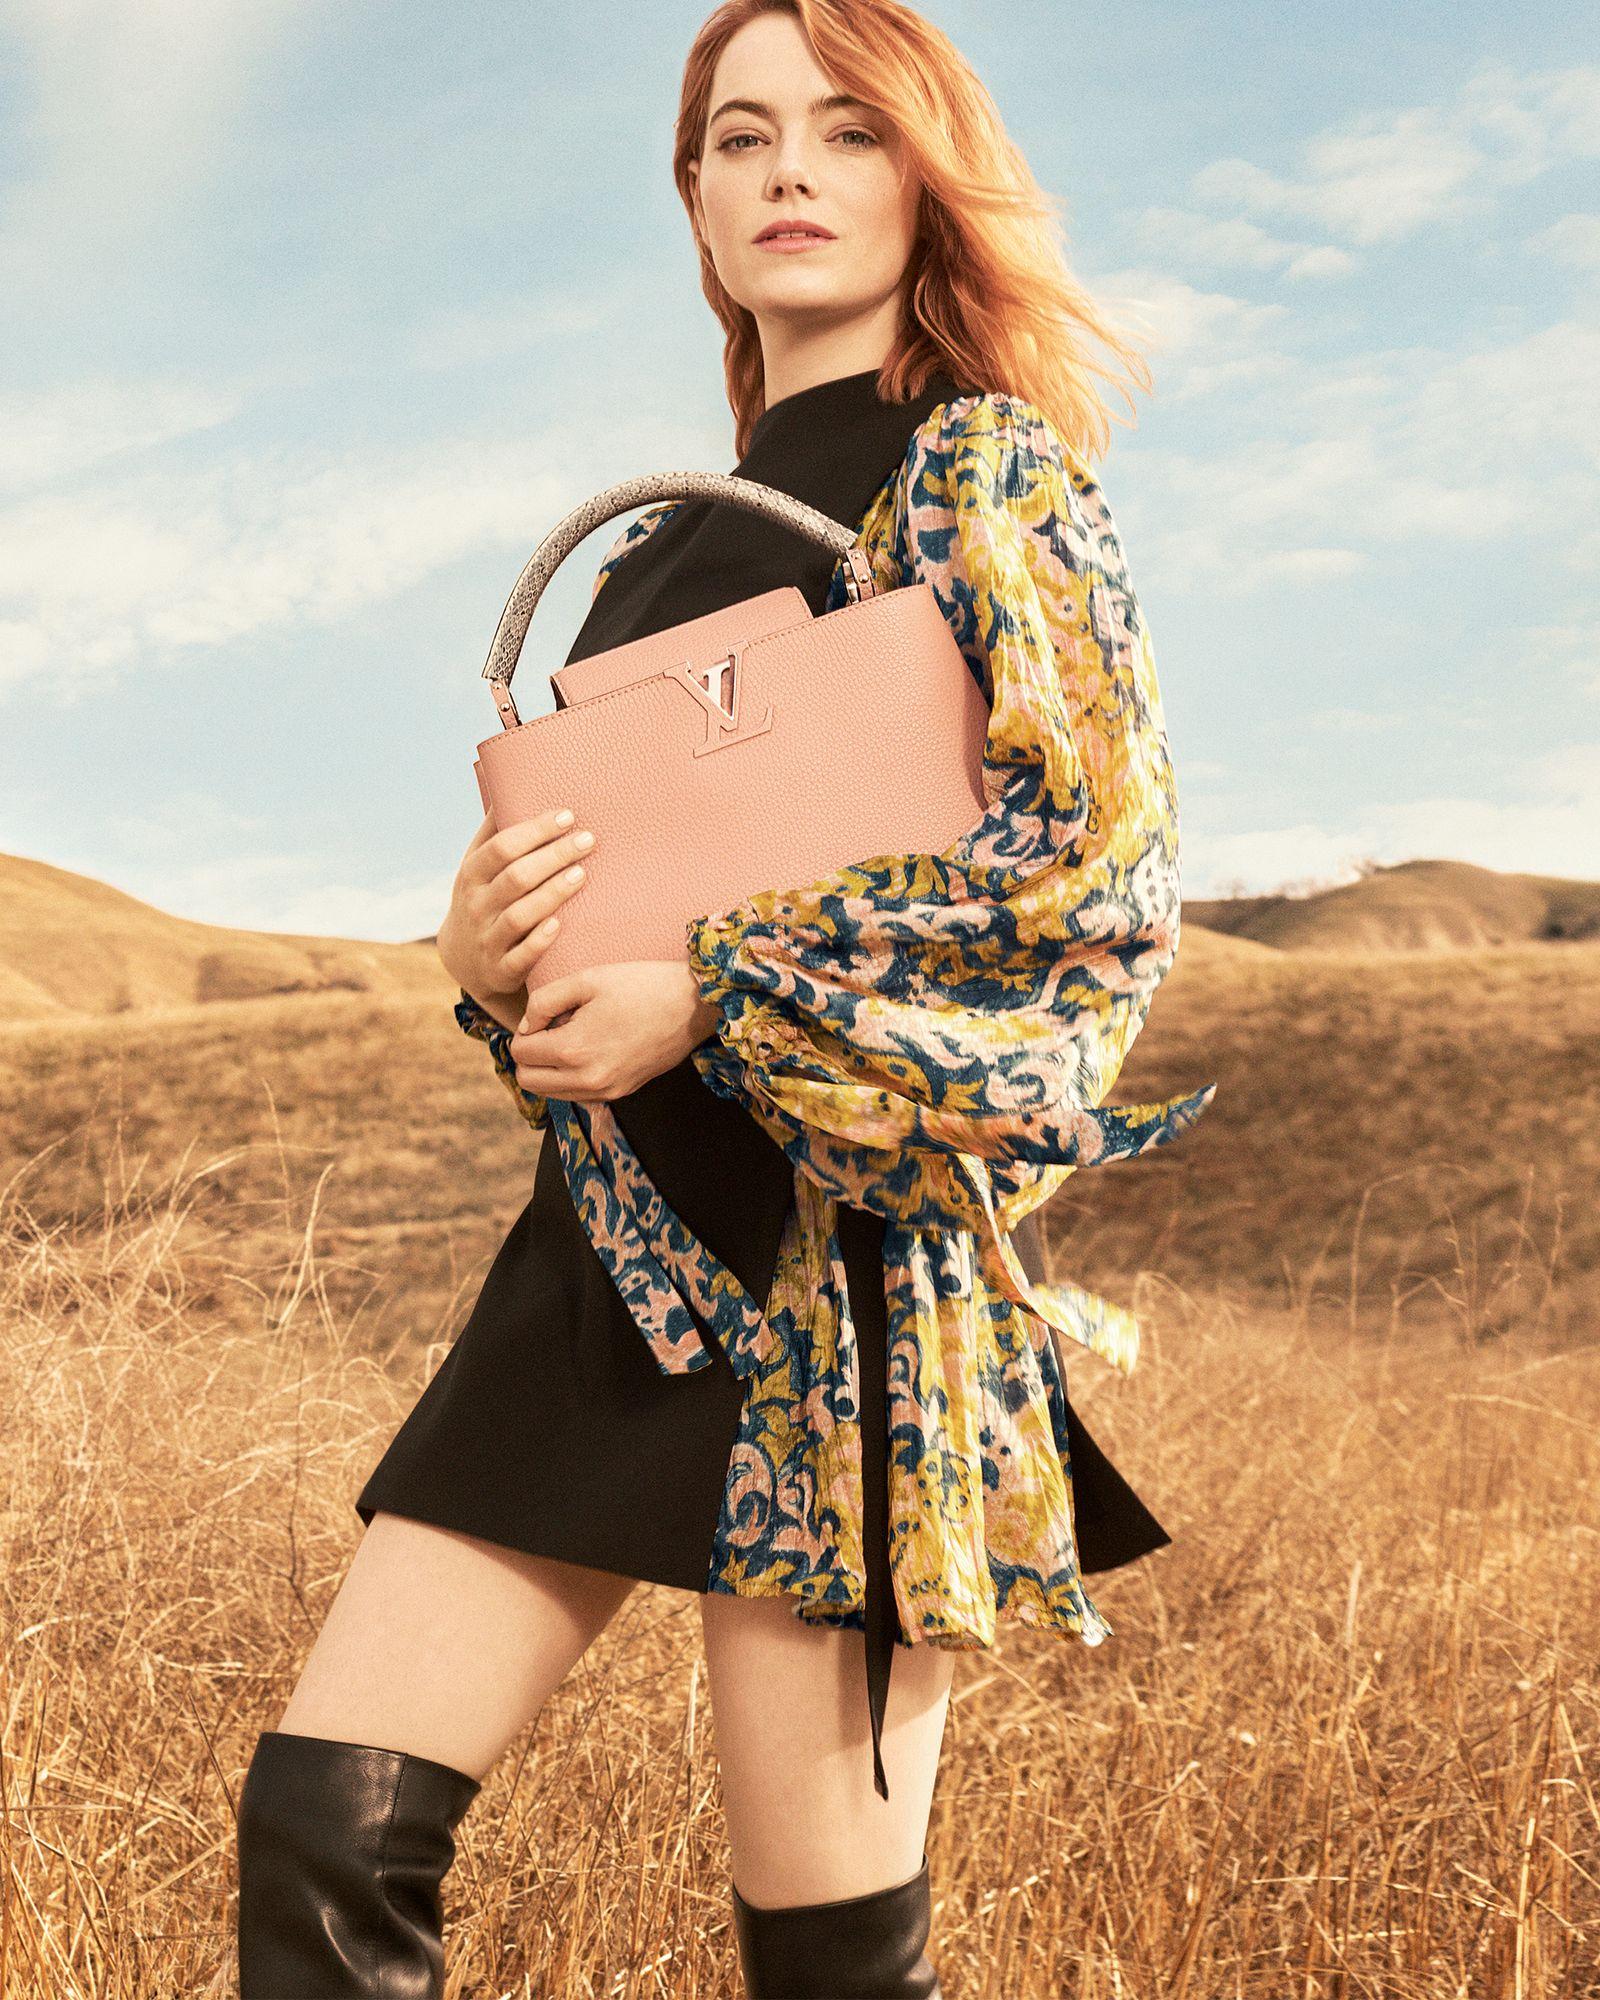 thời trang cung hoàng đạo: các thương hiệu đại diện cho phong cách của bạn 10